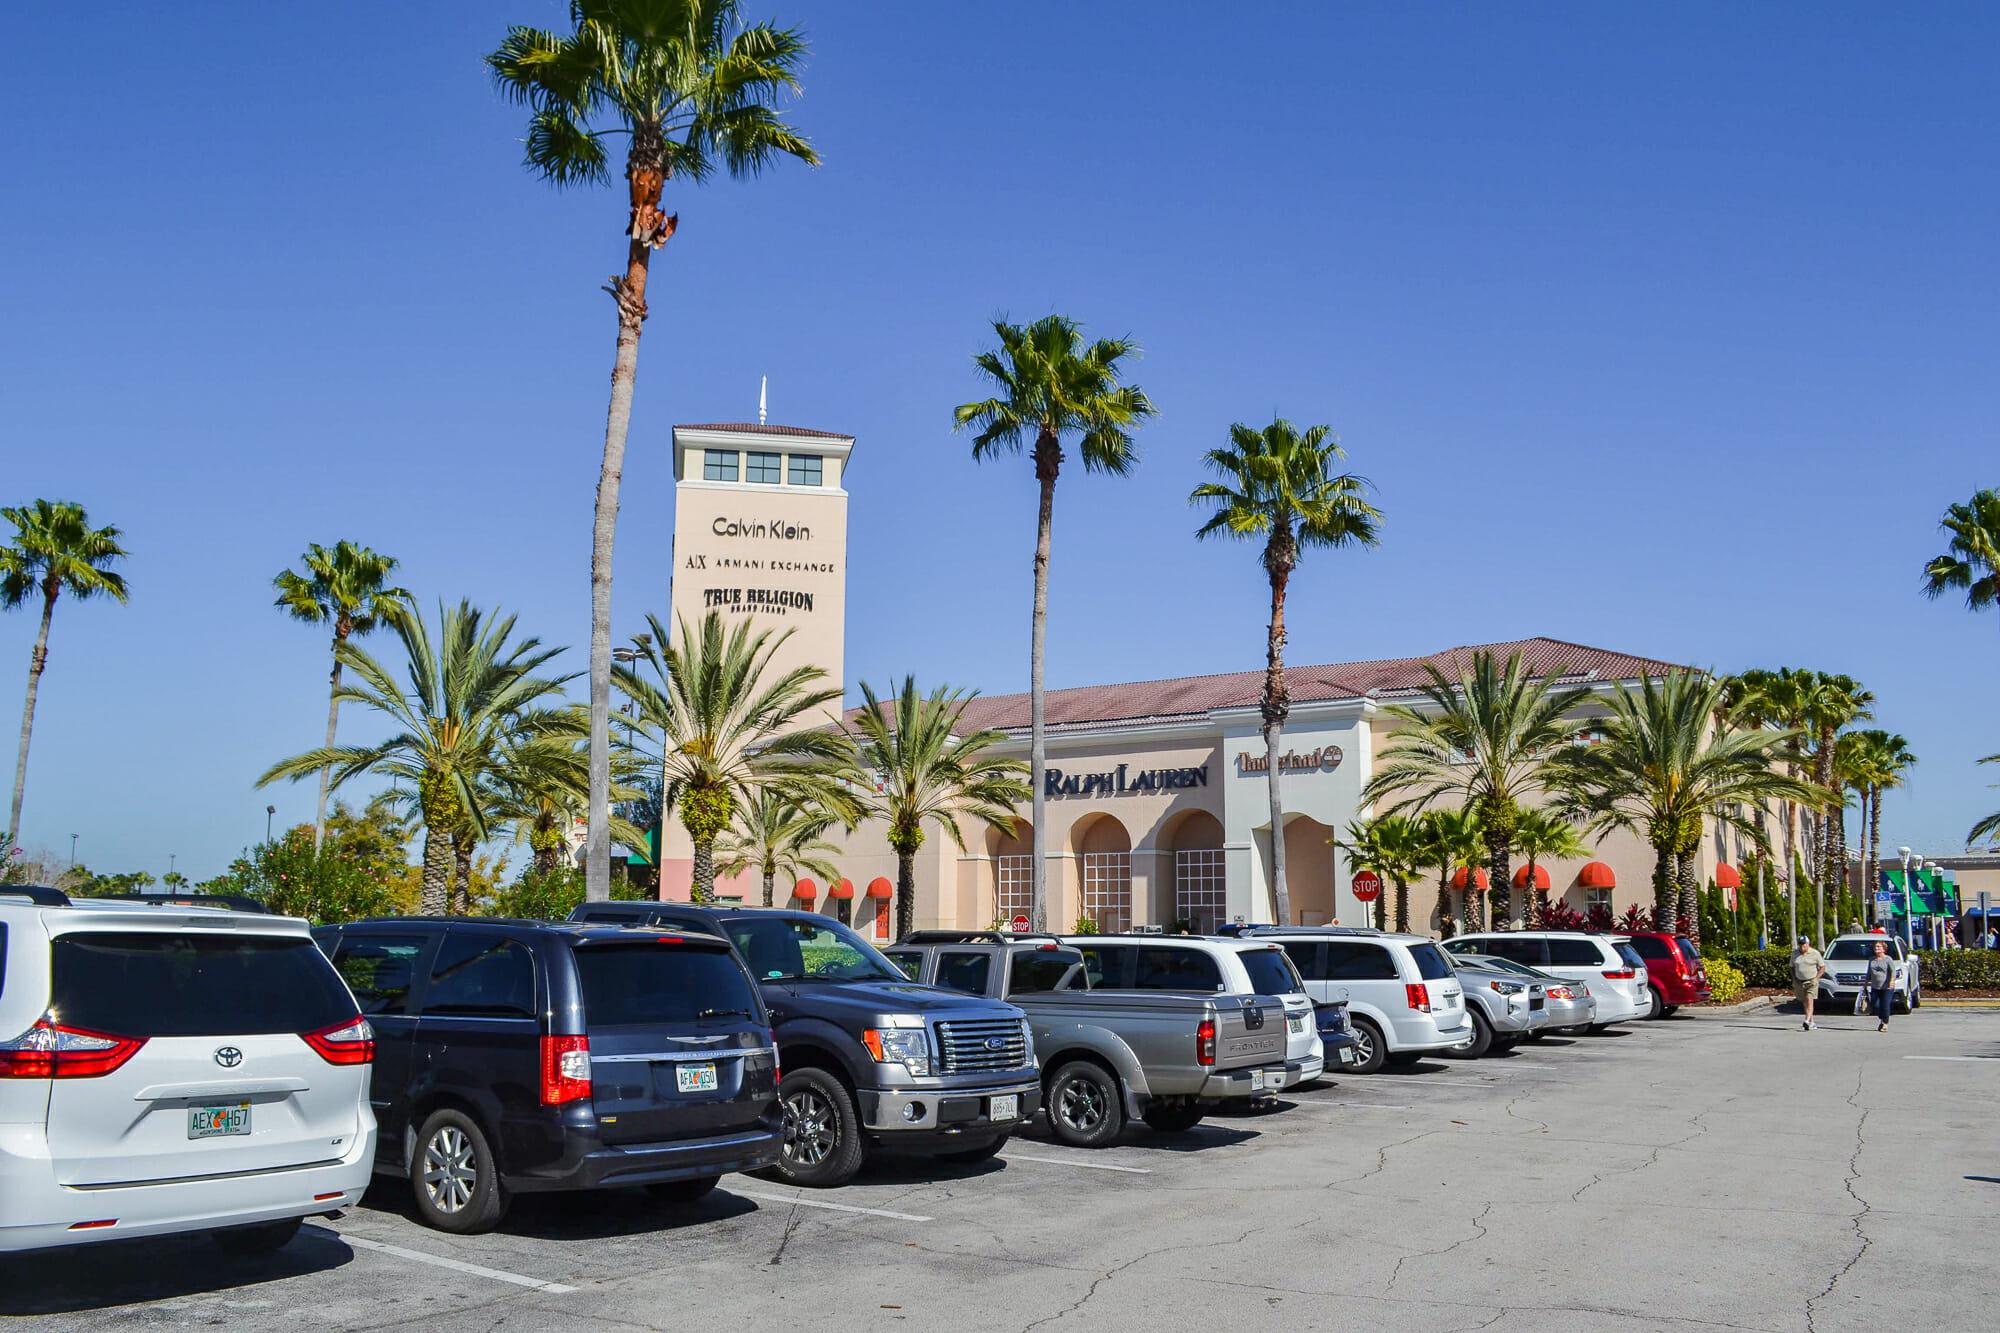 Imagem do estacionamento do Premium Outlet em Orlando, com carros enfileirados e o céu azul ao fundo.